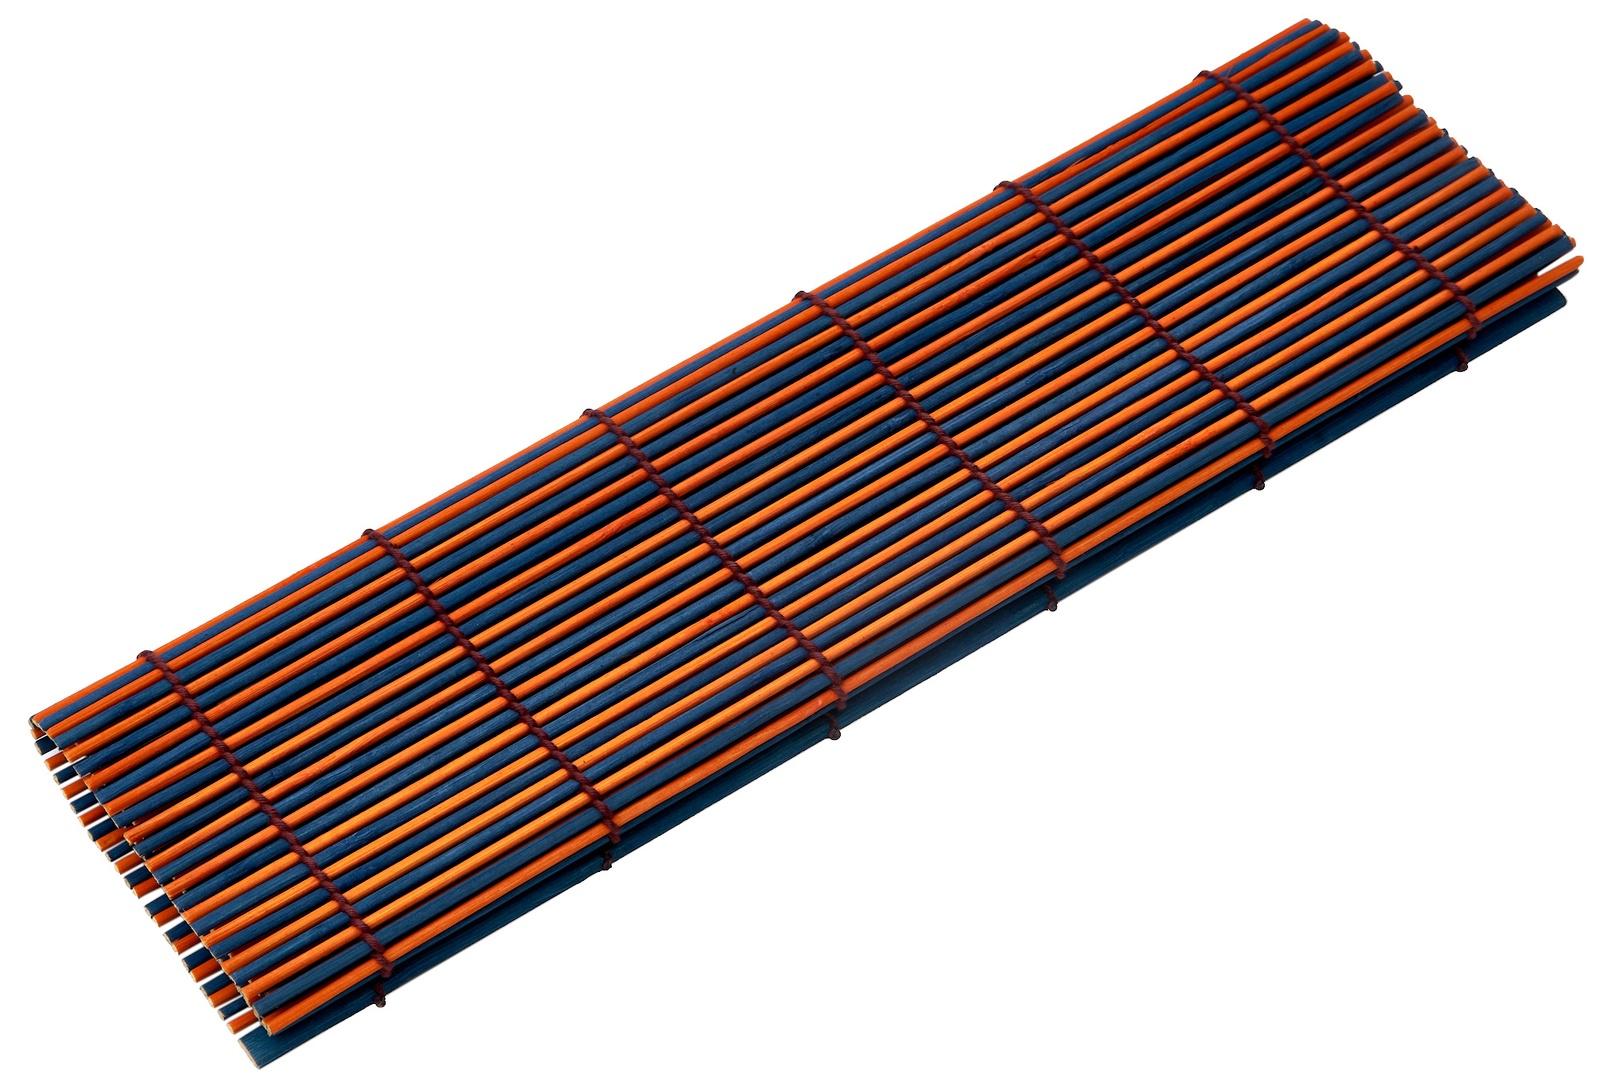 Салфетка для сервировки Катунь, КТ-СФ-01, сине-оранжевый, 300*450 мм muuto предмет сервировки стола